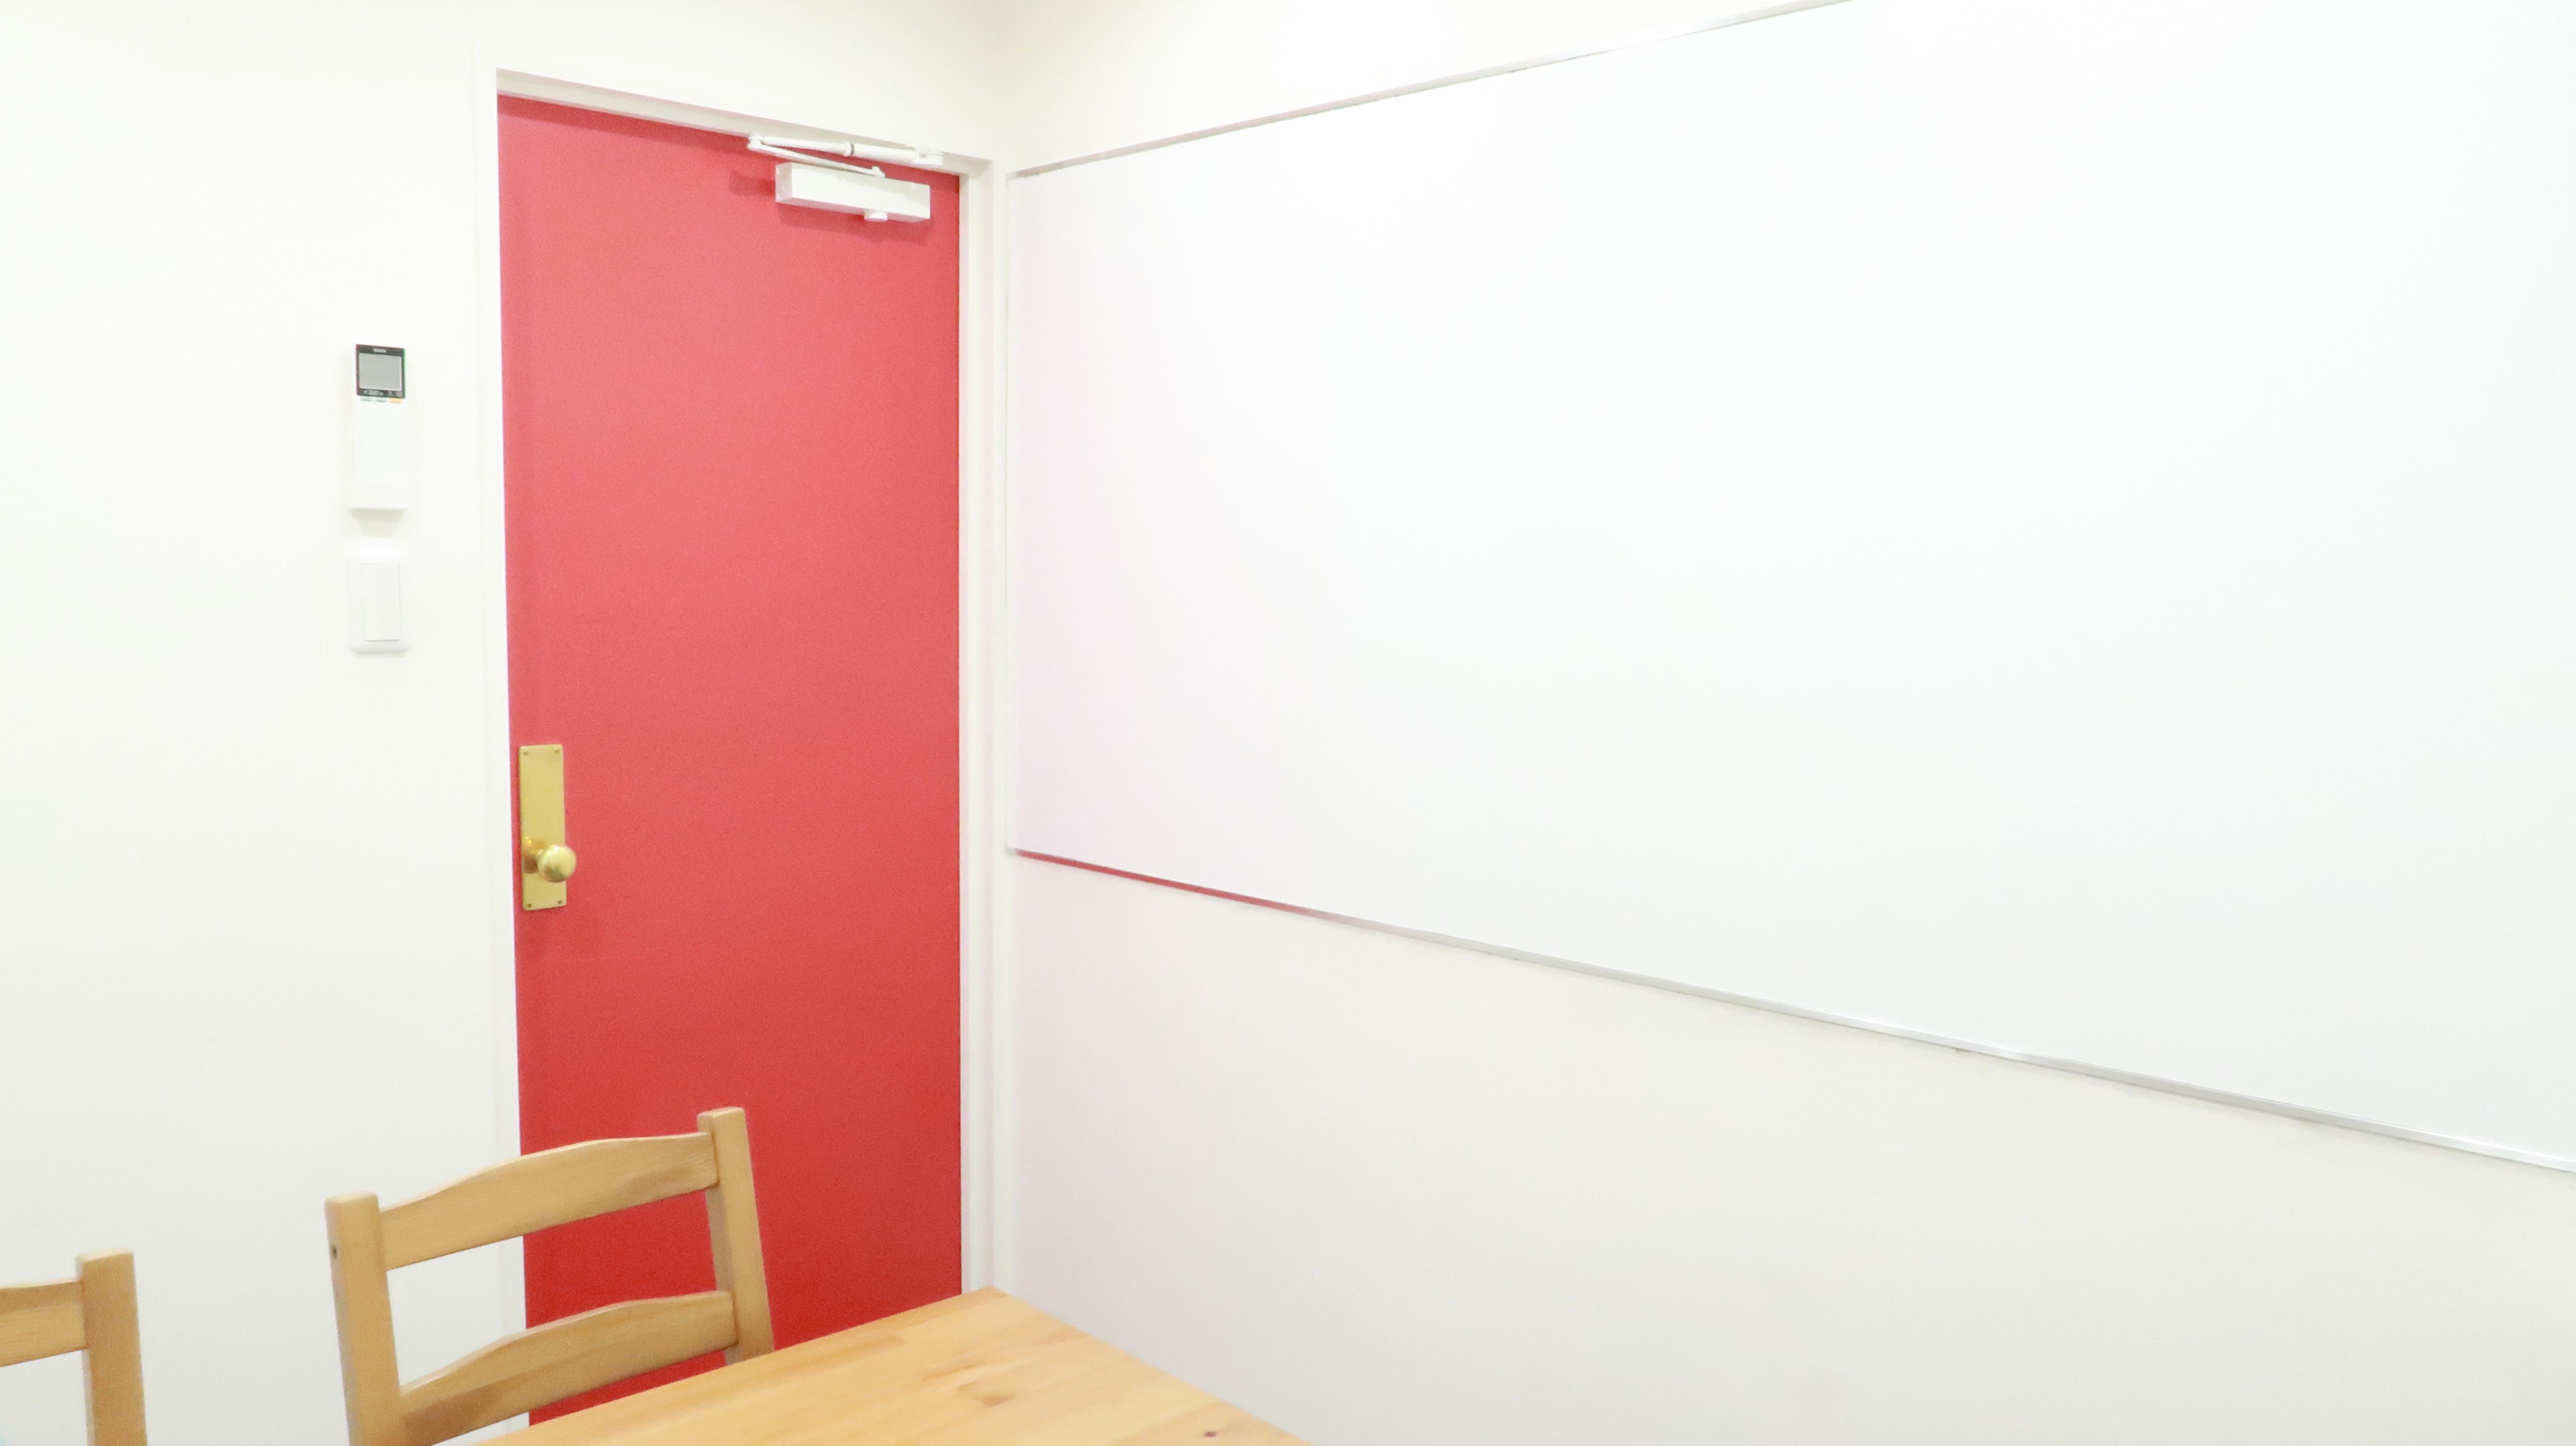 壁式ホワイトボード常設  - レンタルスペース  パズル浅草橋 セミナールーム・貸し会議室2Aの室内の写真